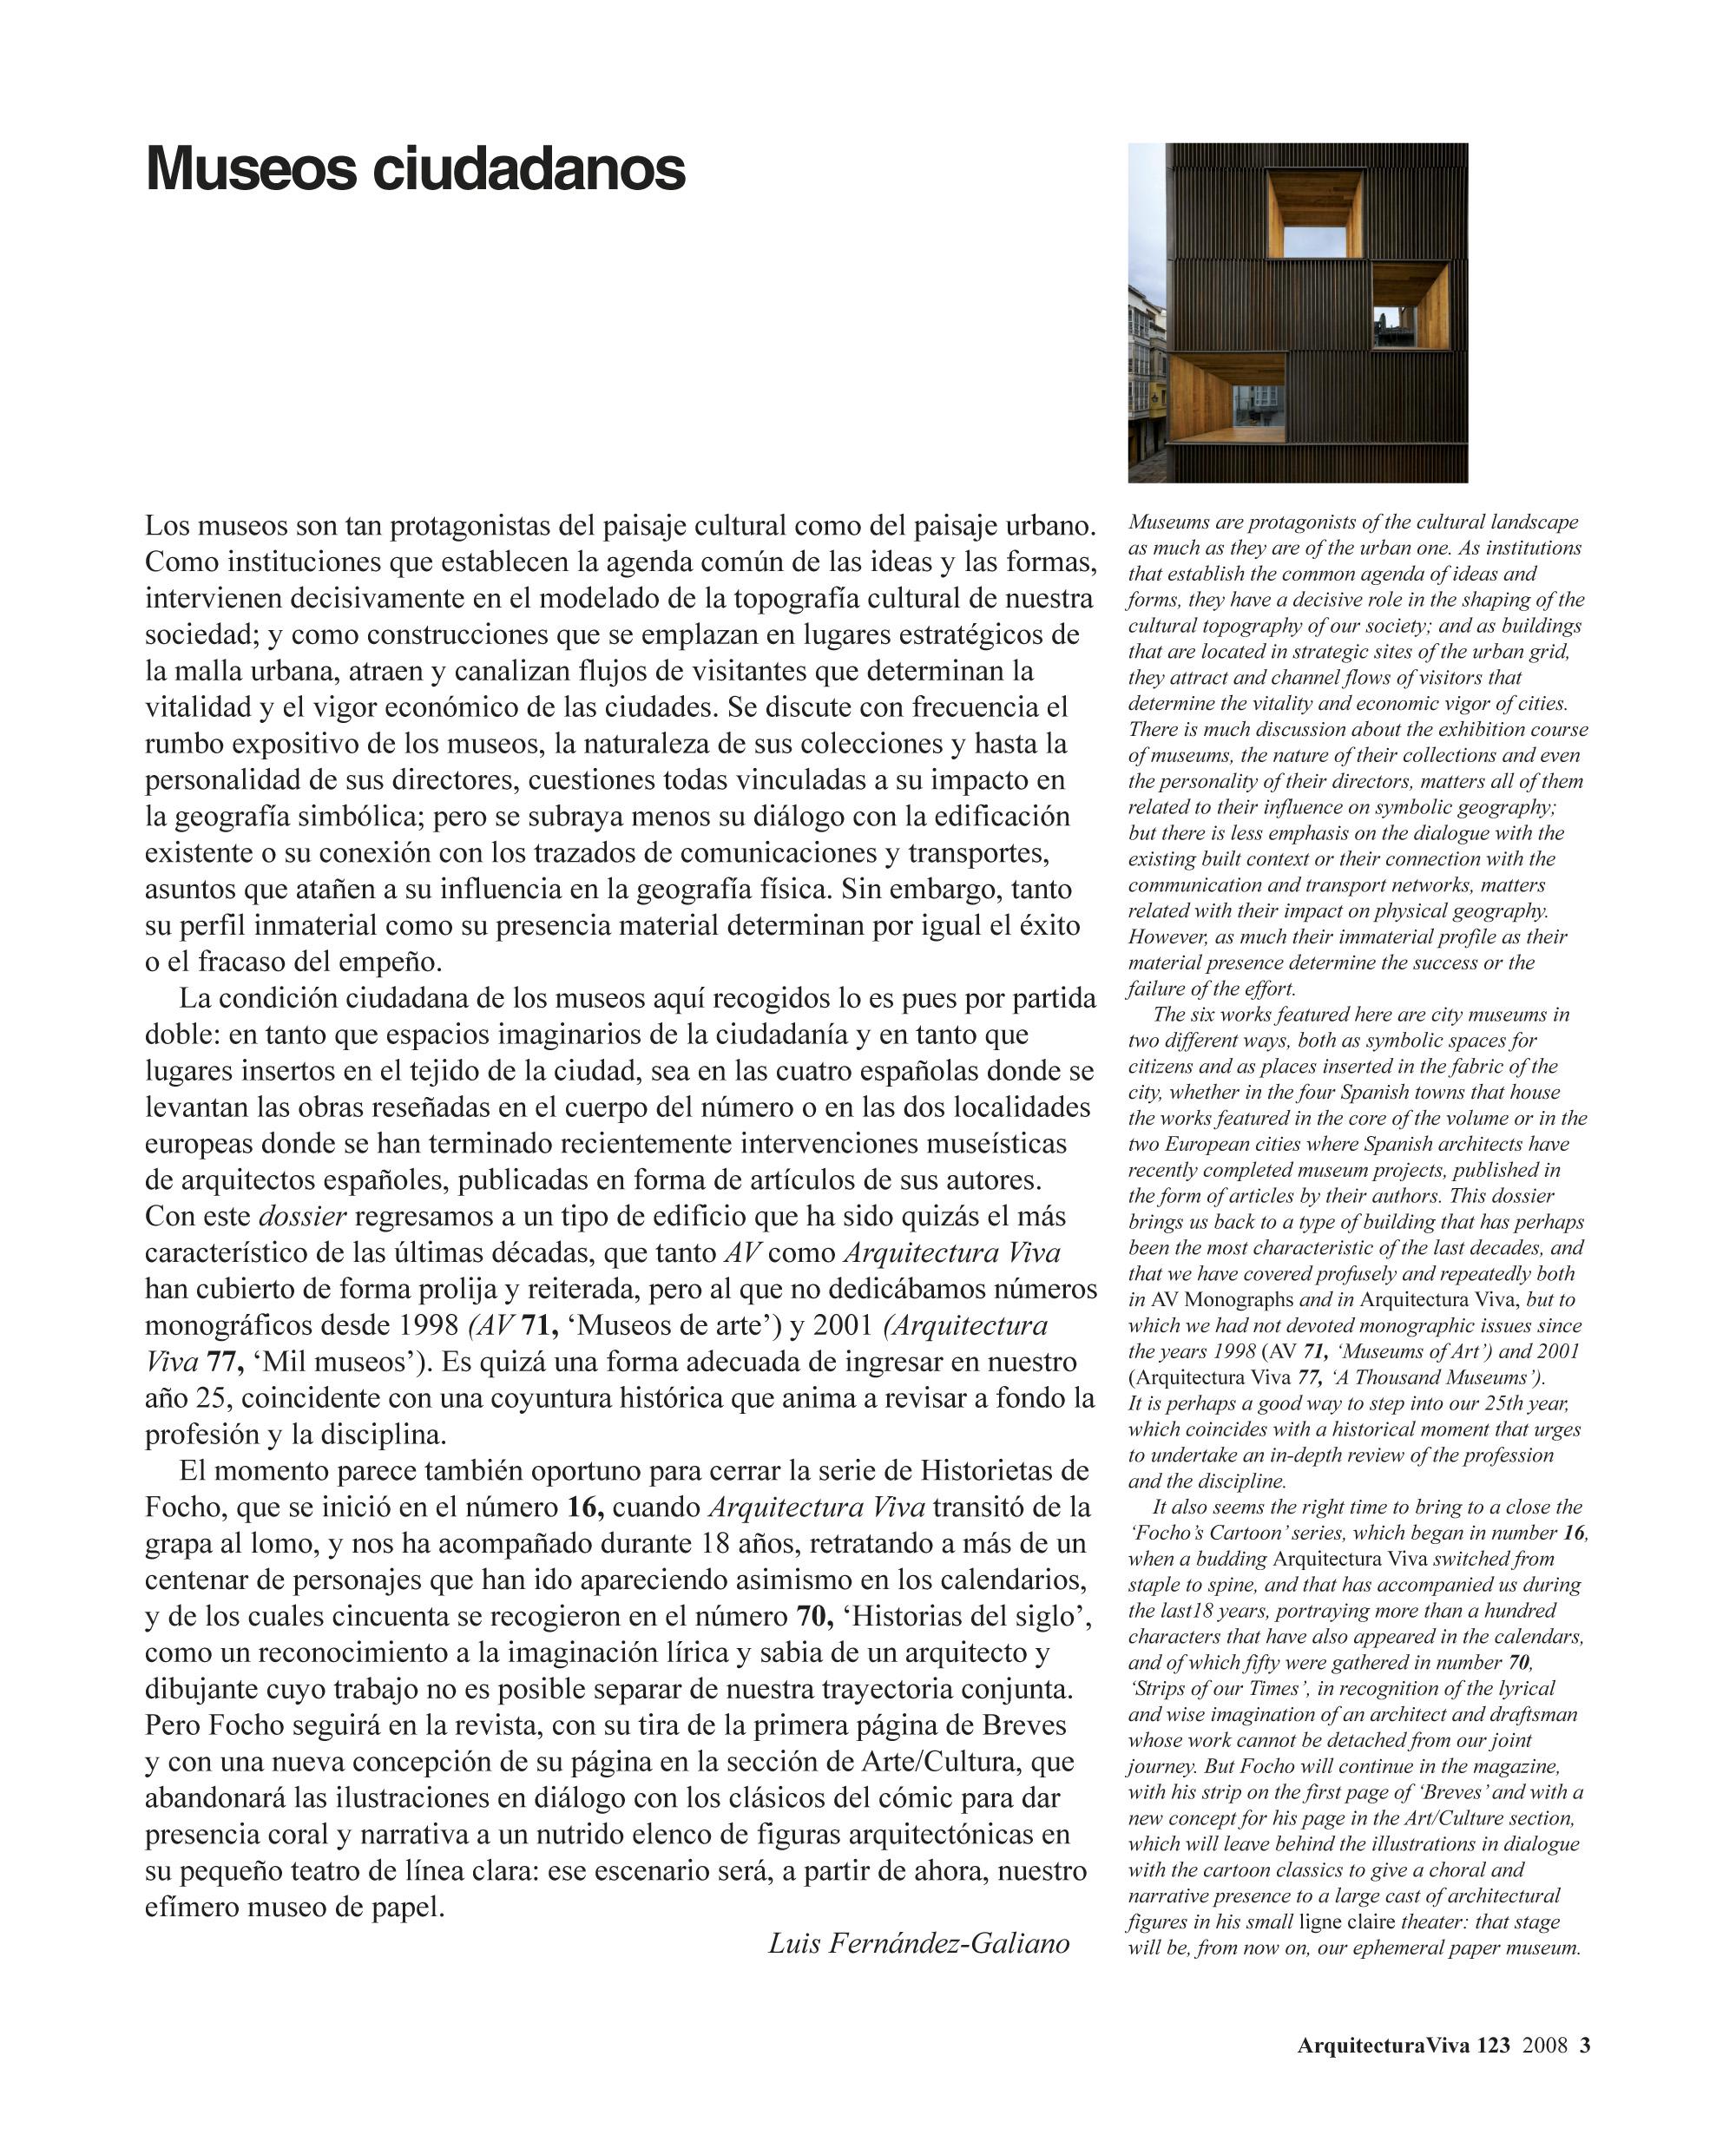 Museos Ciudadanos